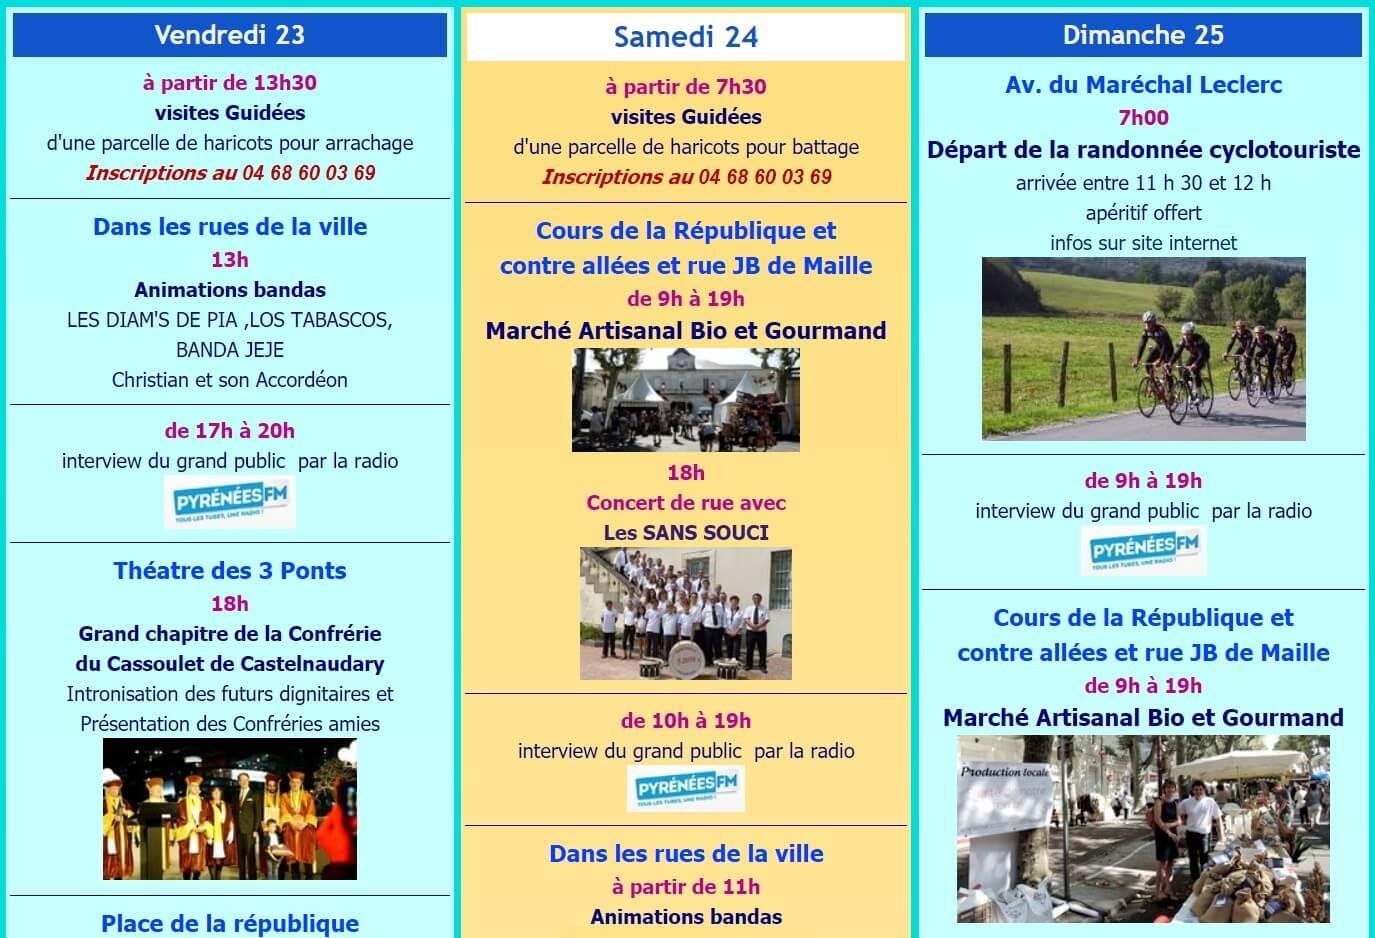 programme fête du cassoulet castelnaudary 2019 vendredi à dimanche (1)